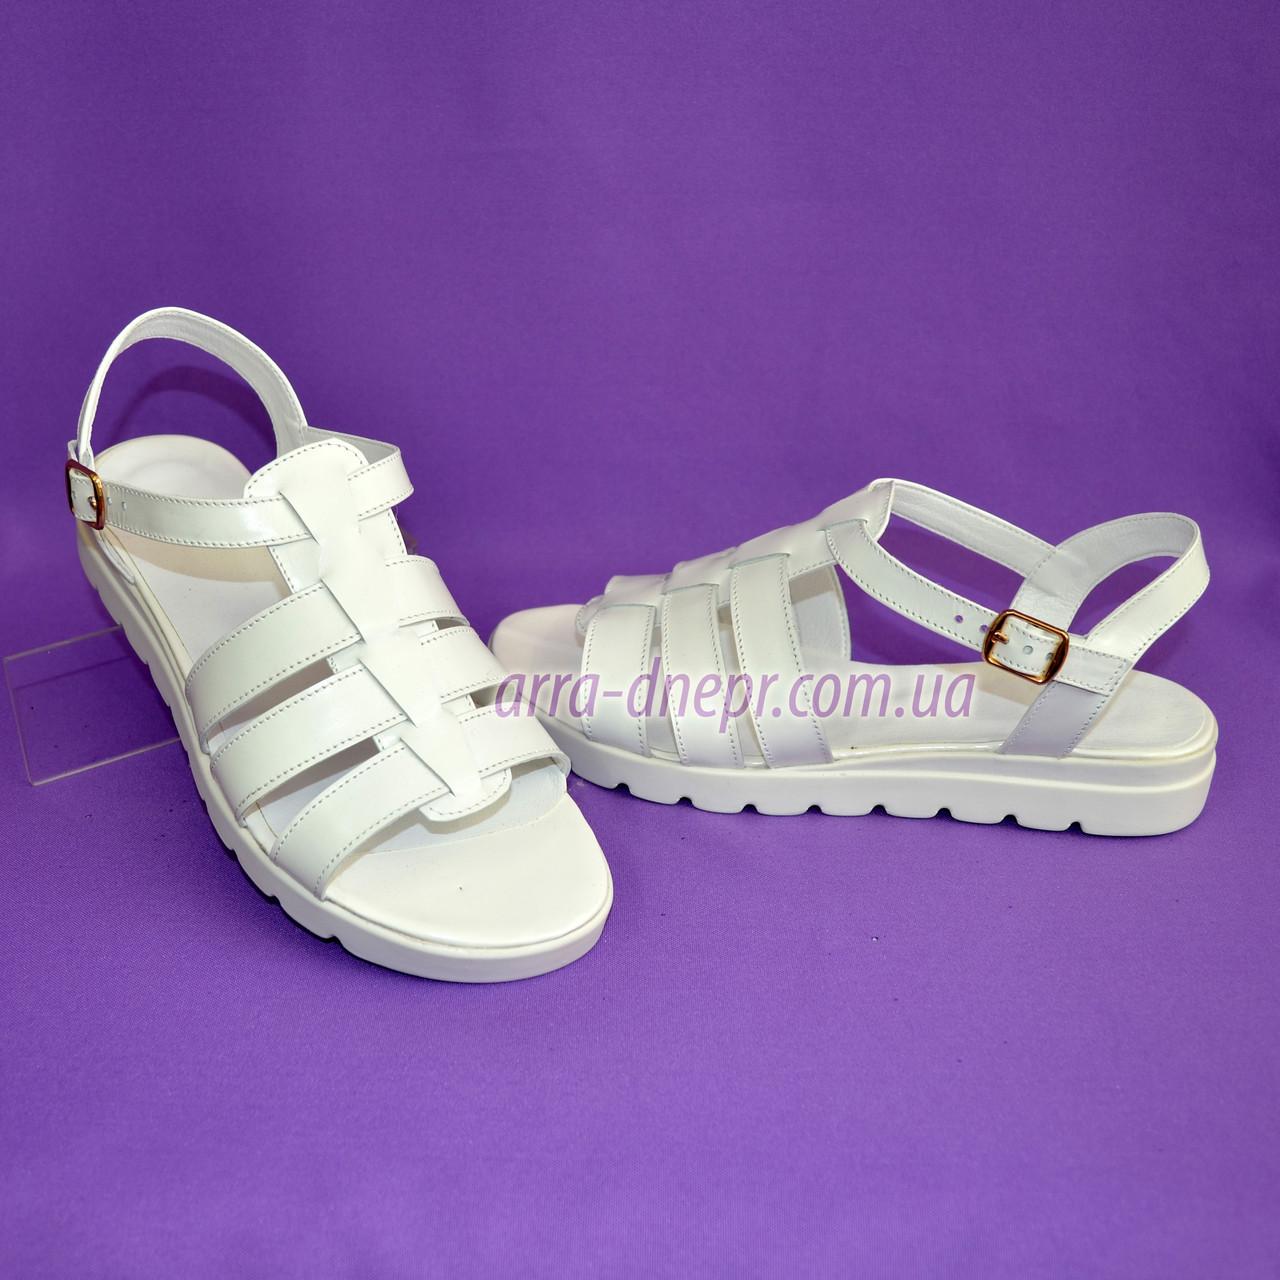 Босоножки кожаные на утолщенной белой подошве. Хит продаж.